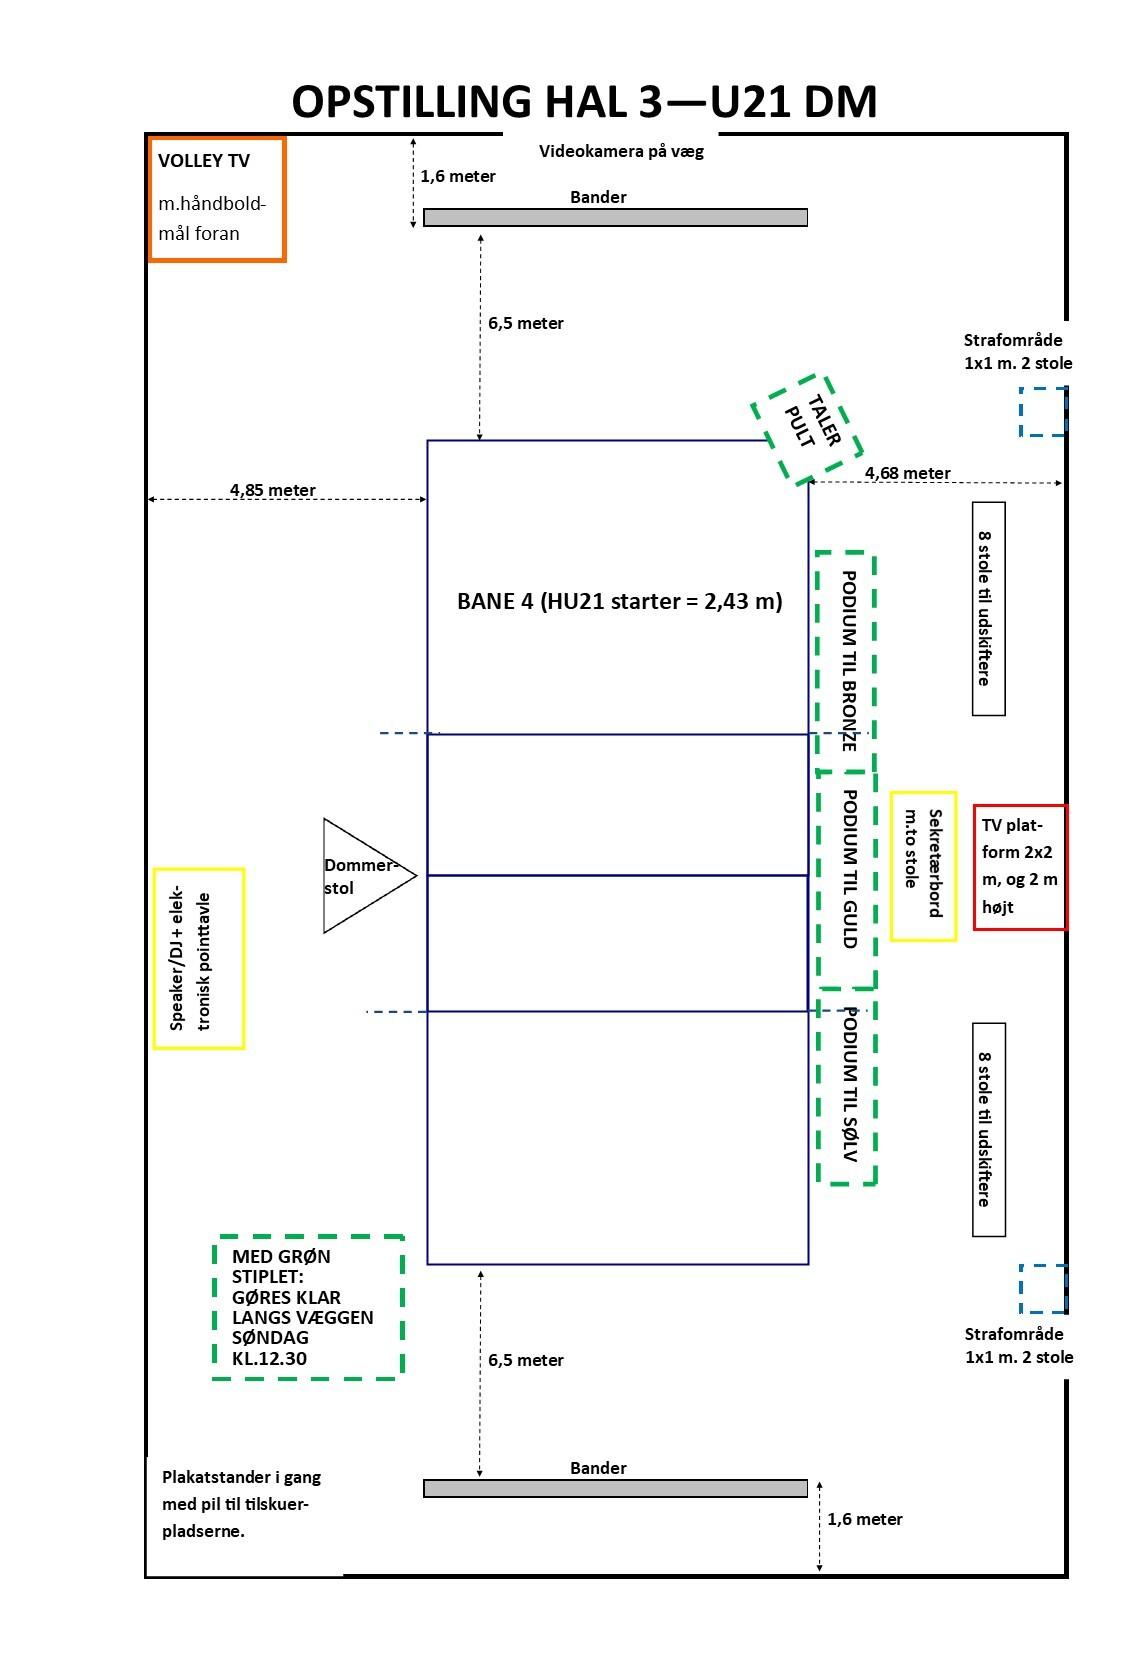 Opstilling-hal-3-u21-dm